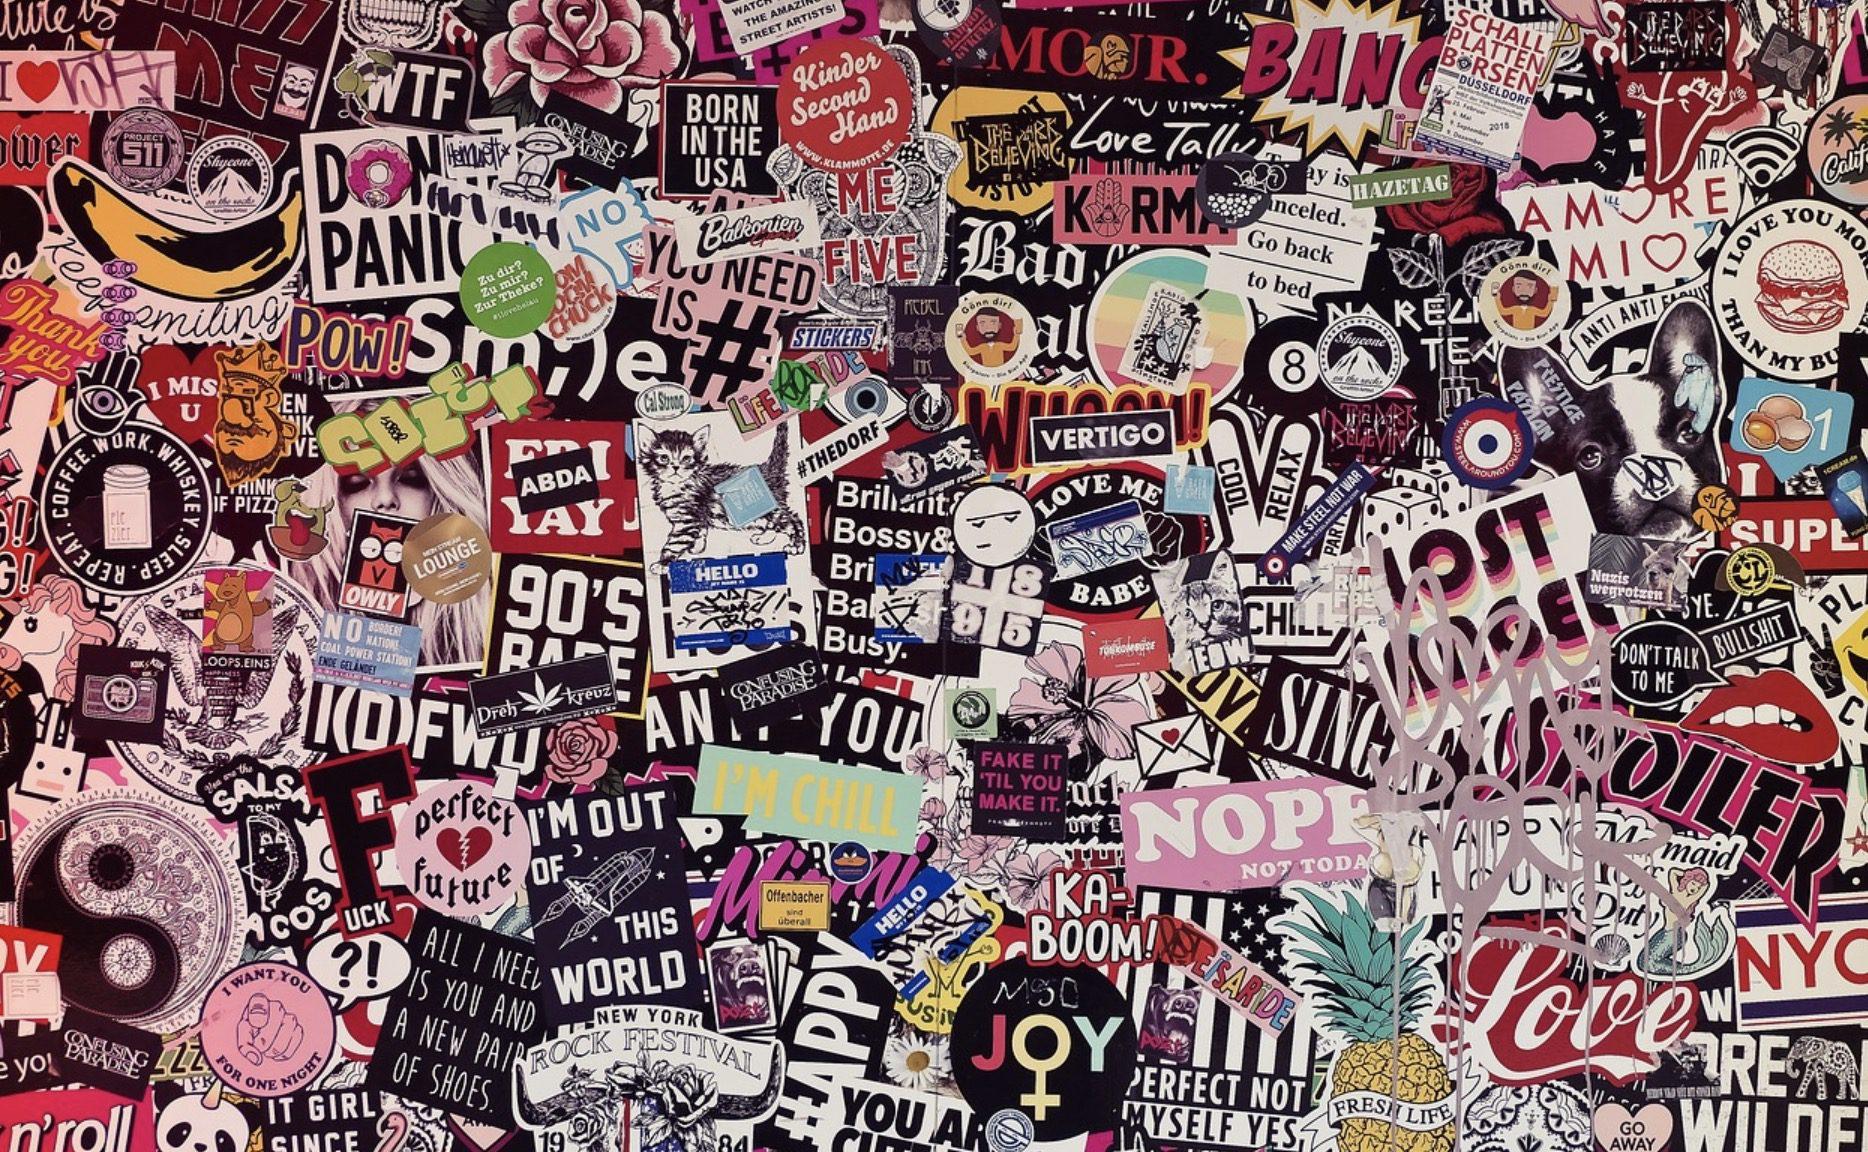 Les lettres adhésives en stickers